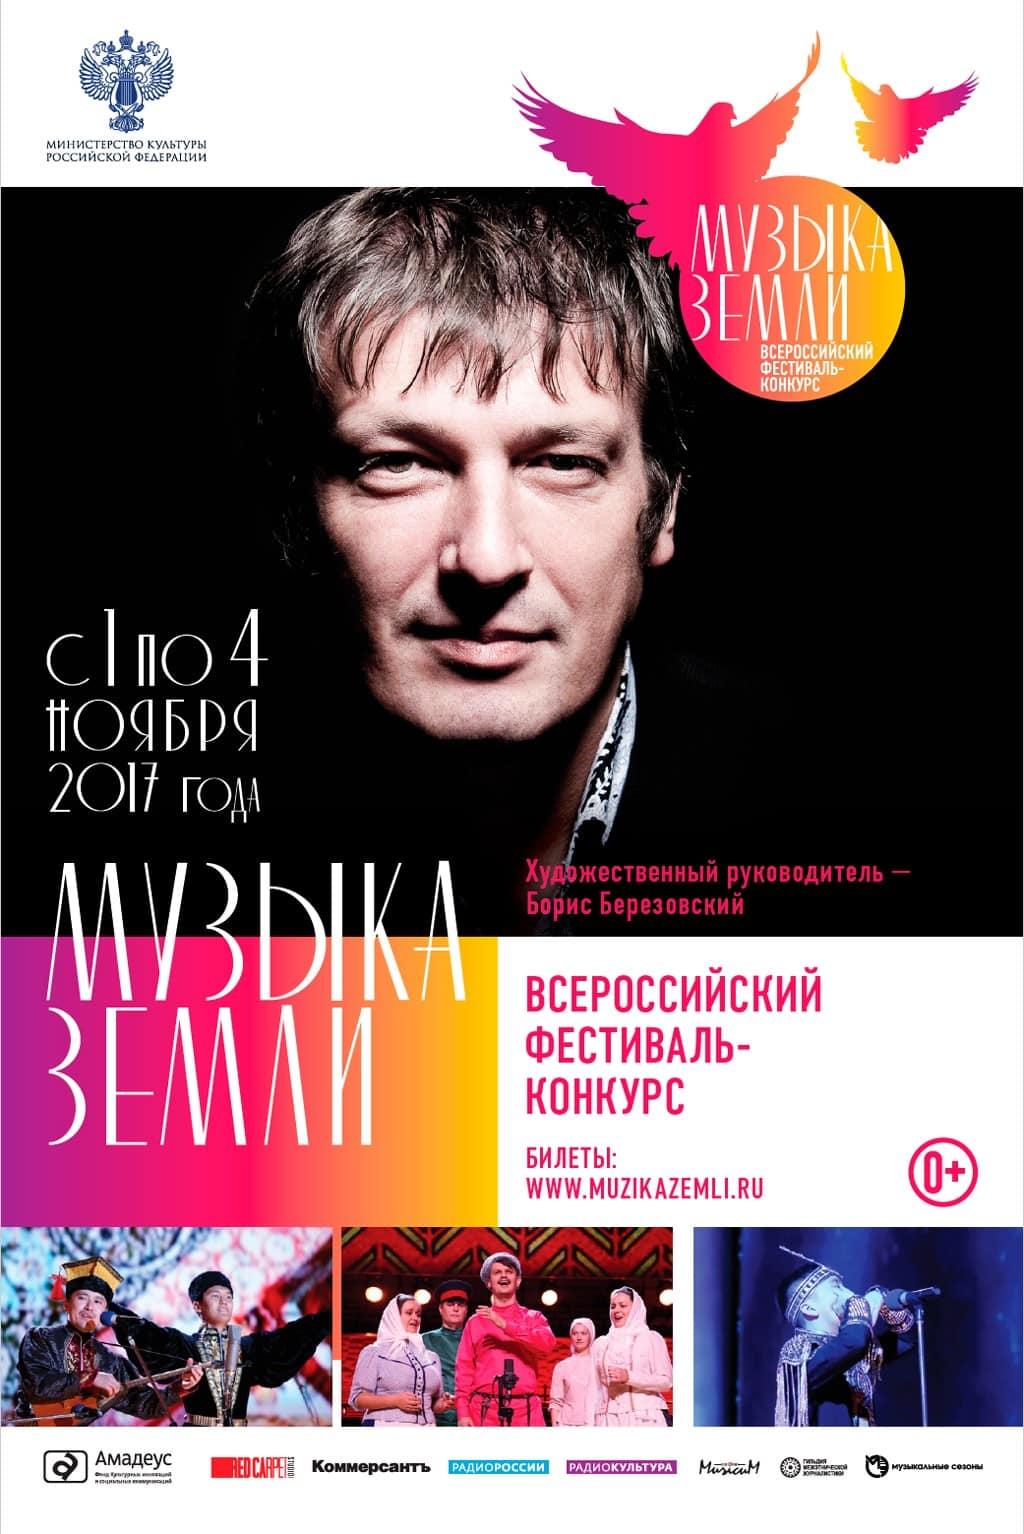 Фестиваль-конкурс «Музыка Земли»